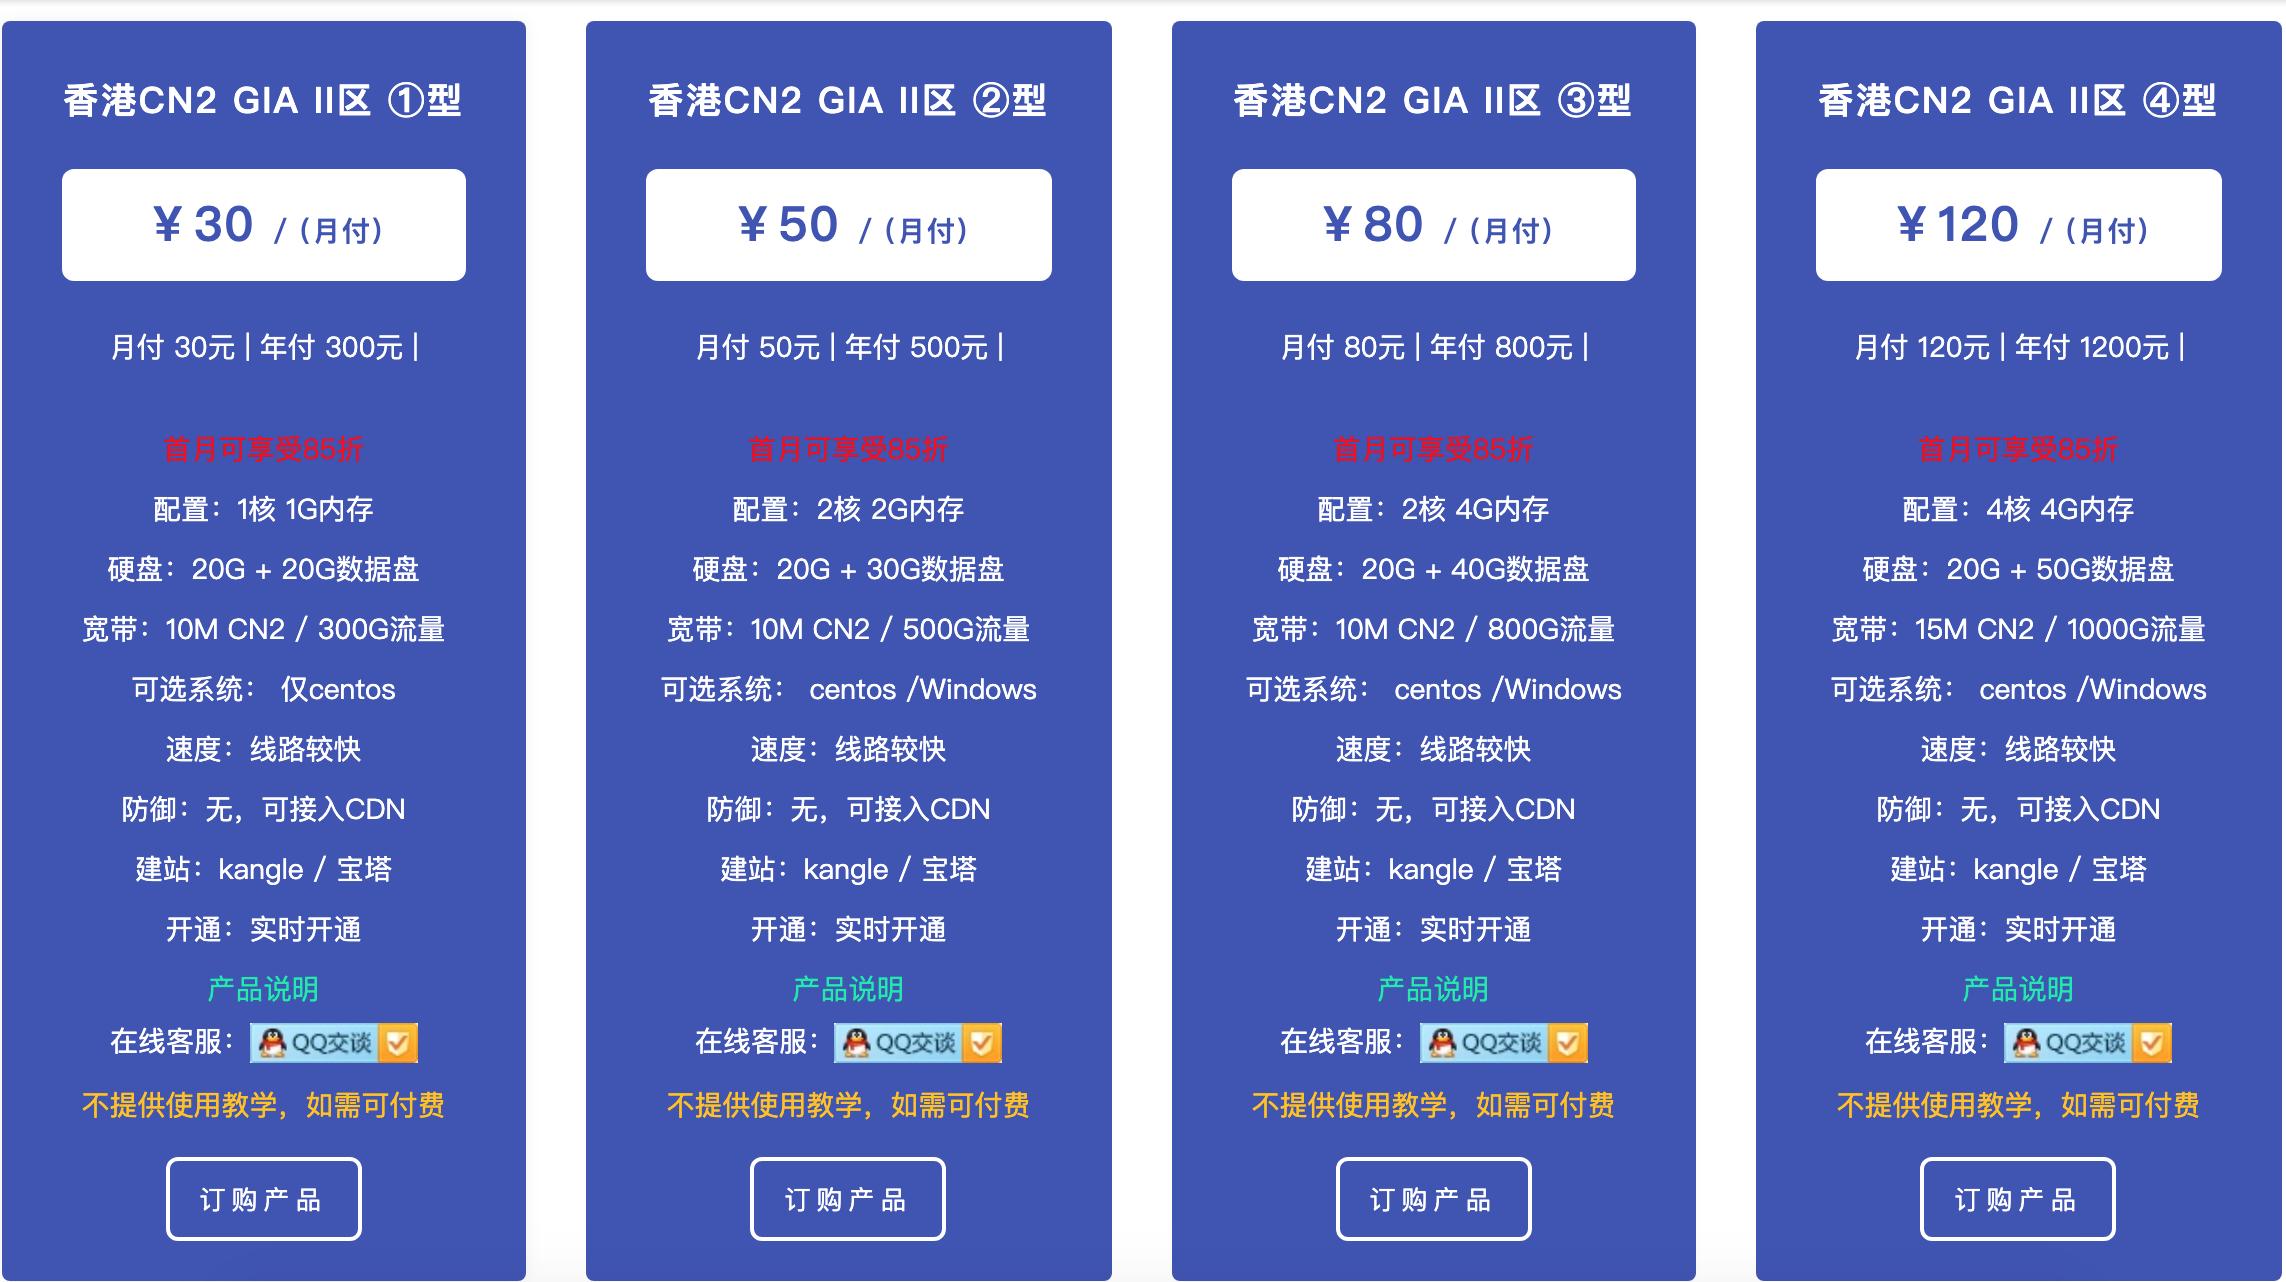 国外vpswindows 香港VPS支持Windows系统